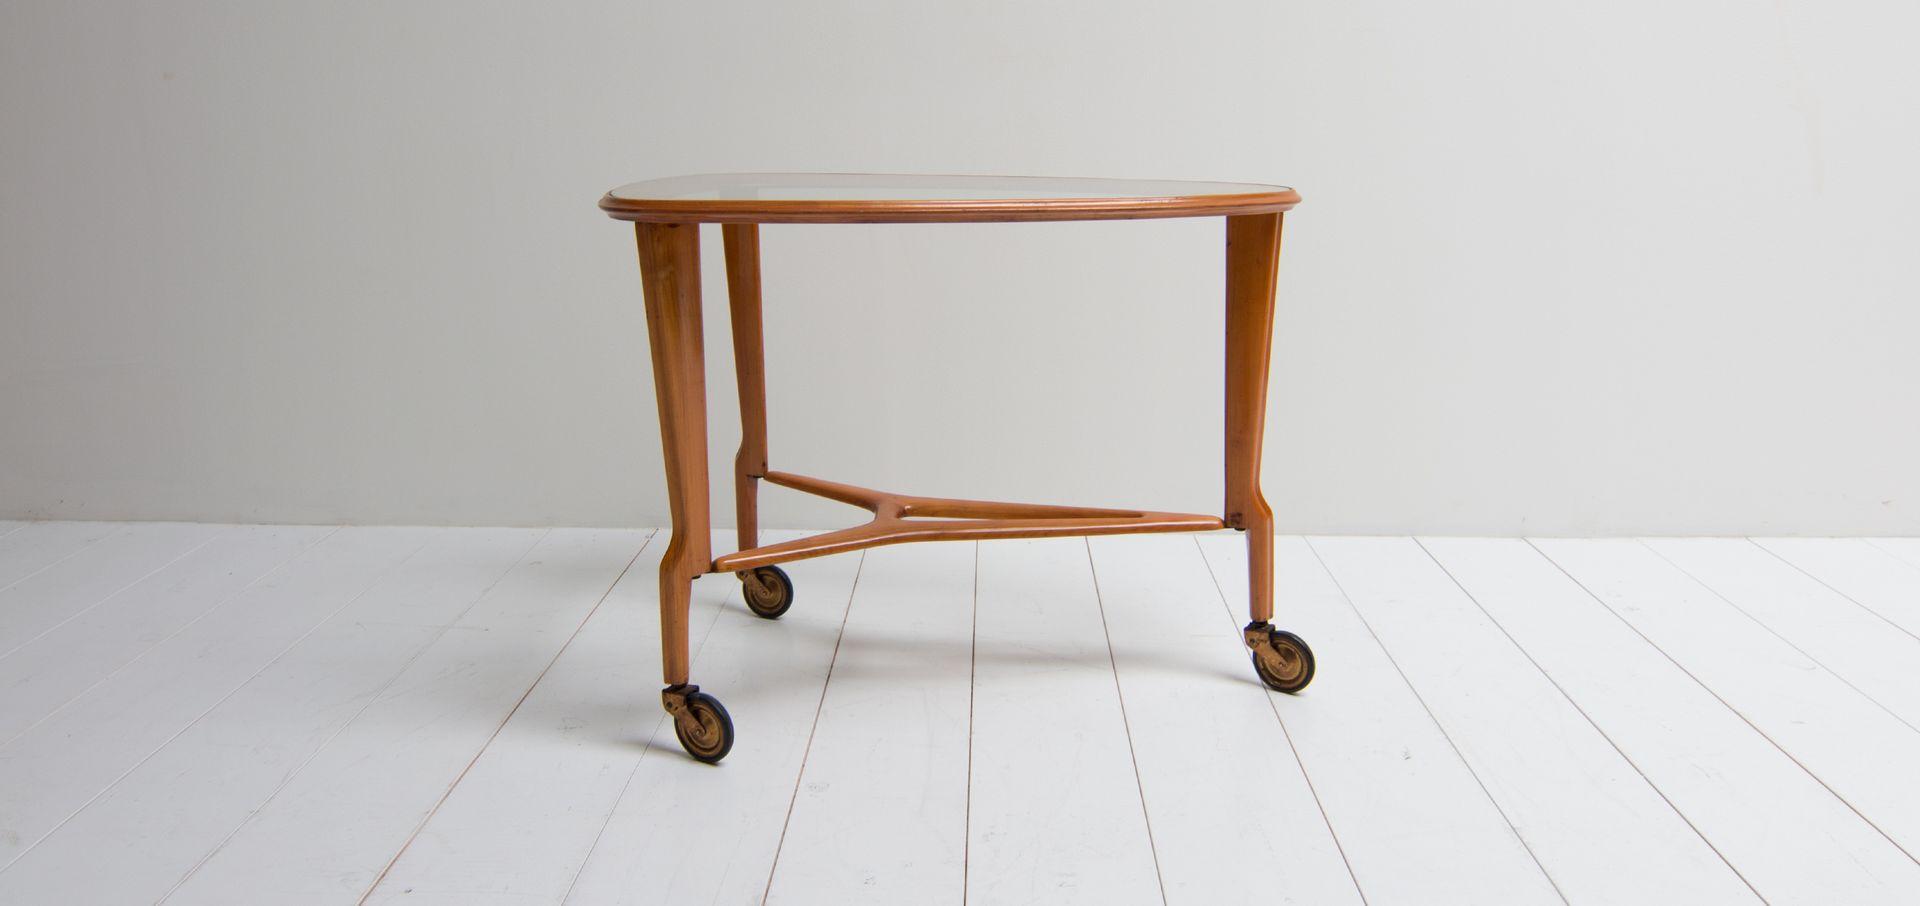 d nischer vintage holz glas couchtisch 1960er bei. Black Bedroom Furniture Sets. Home Design Ideas